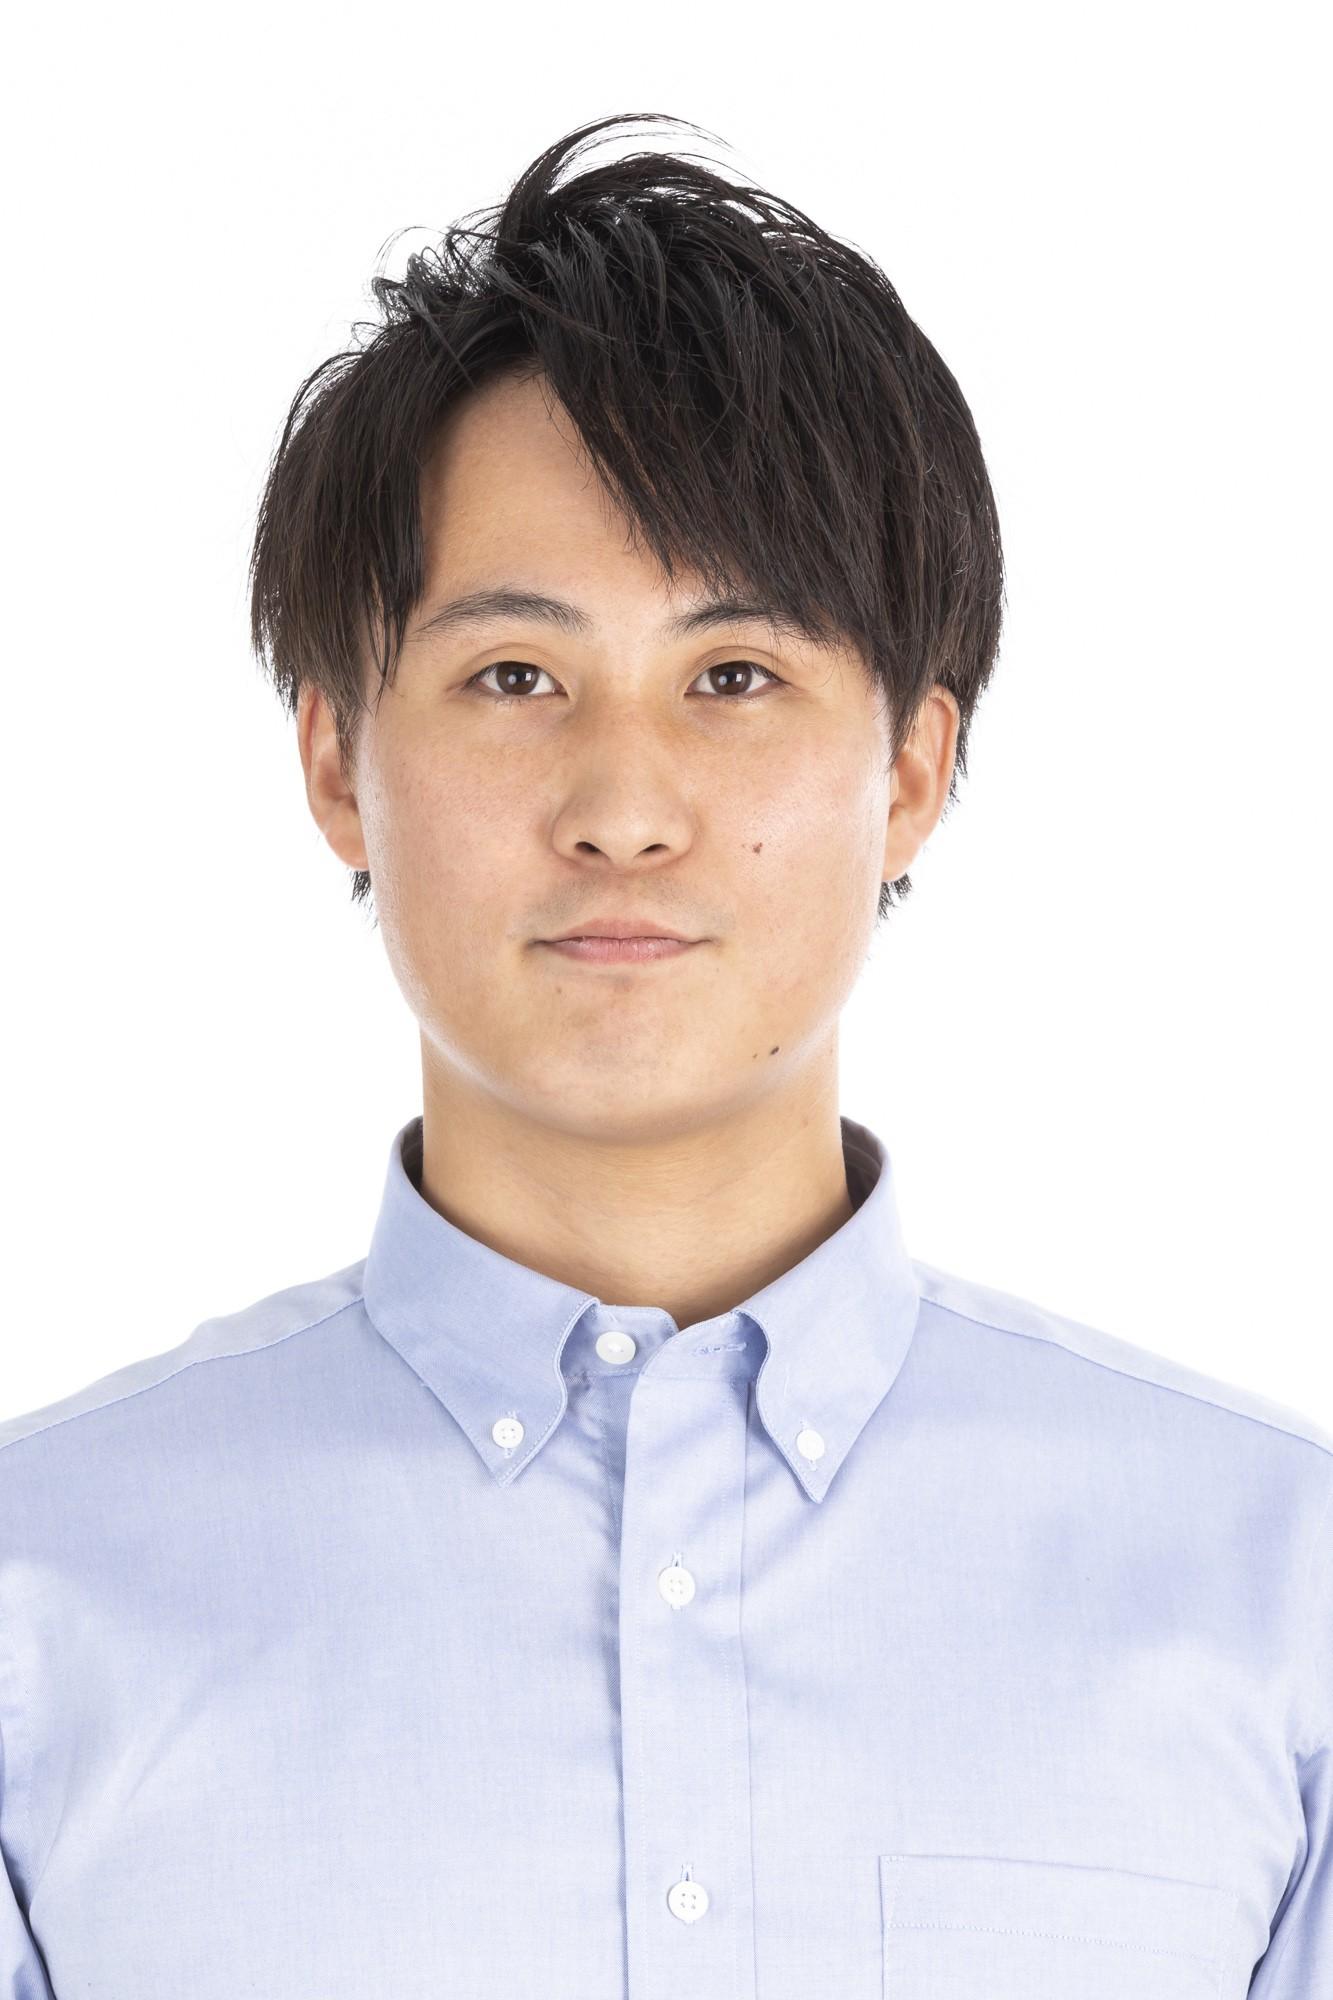 桐山純,JunKiriyama